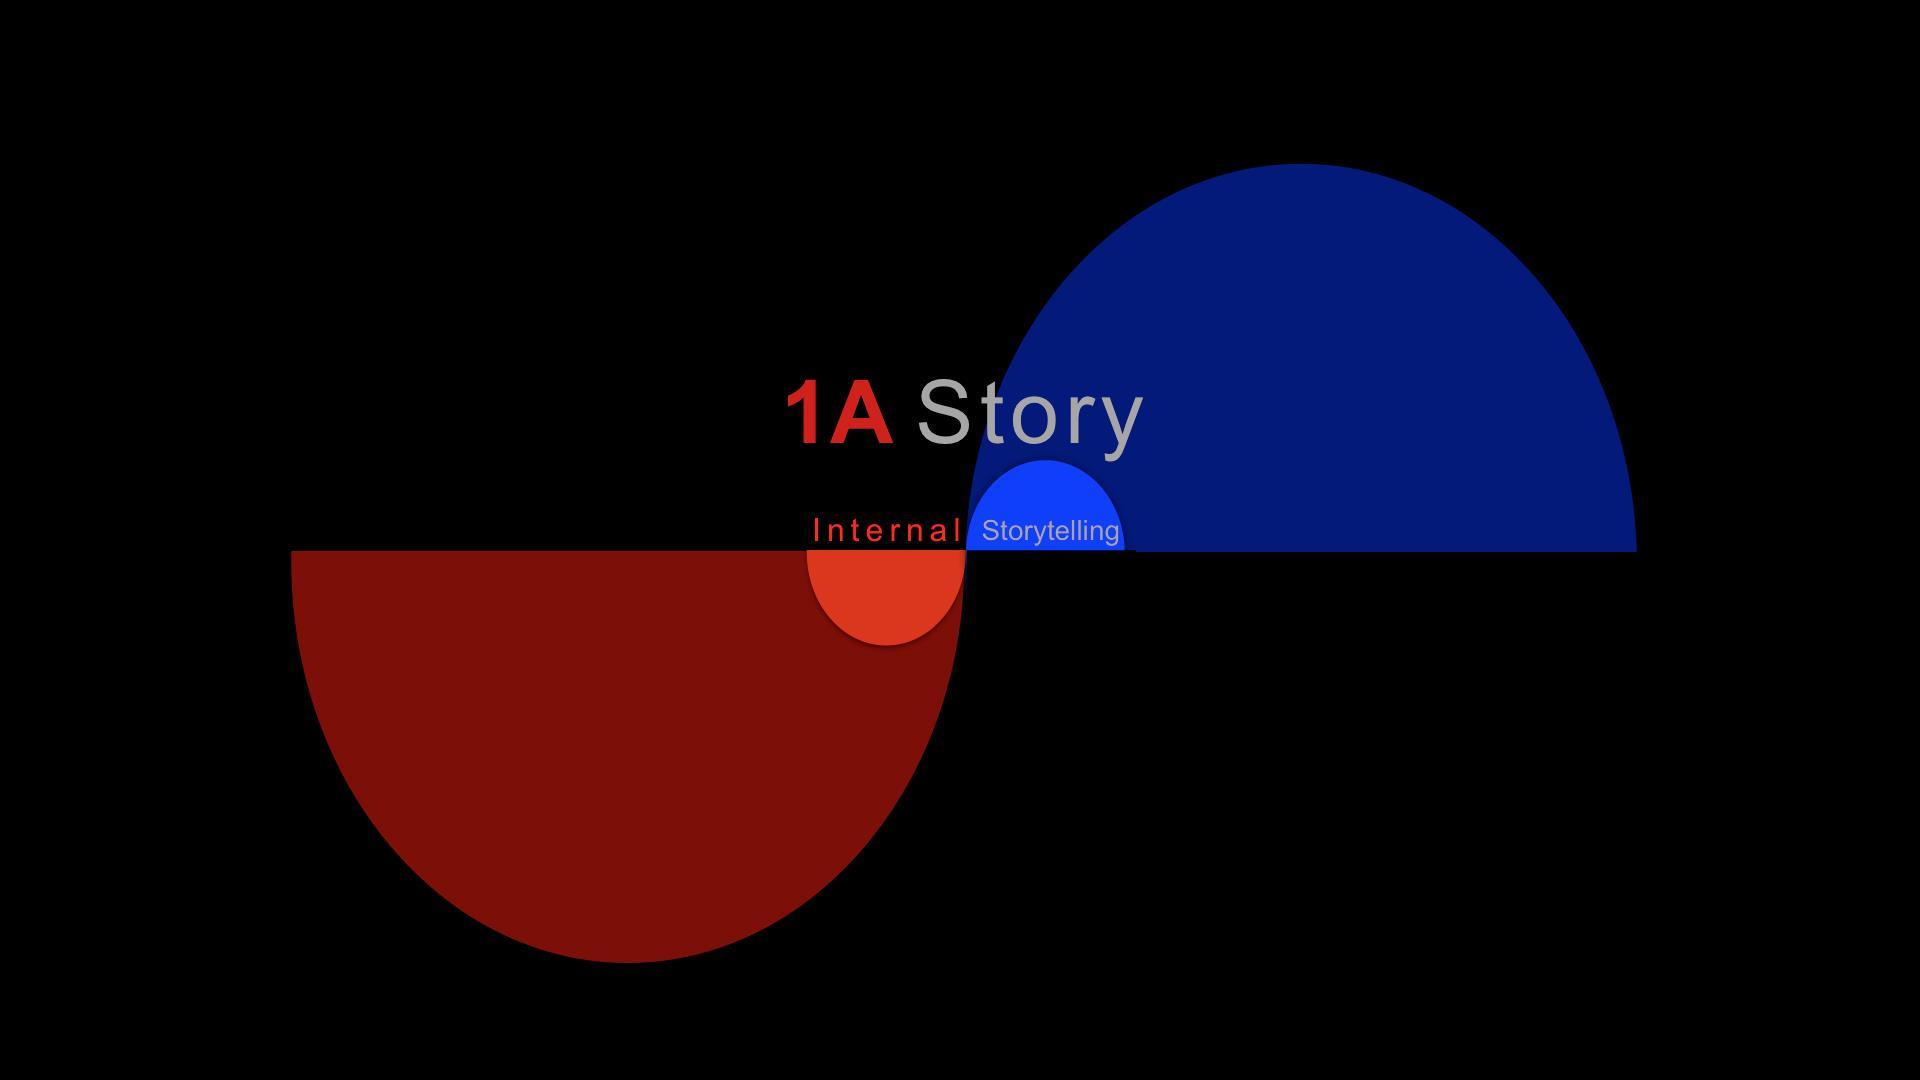 1a-story-02